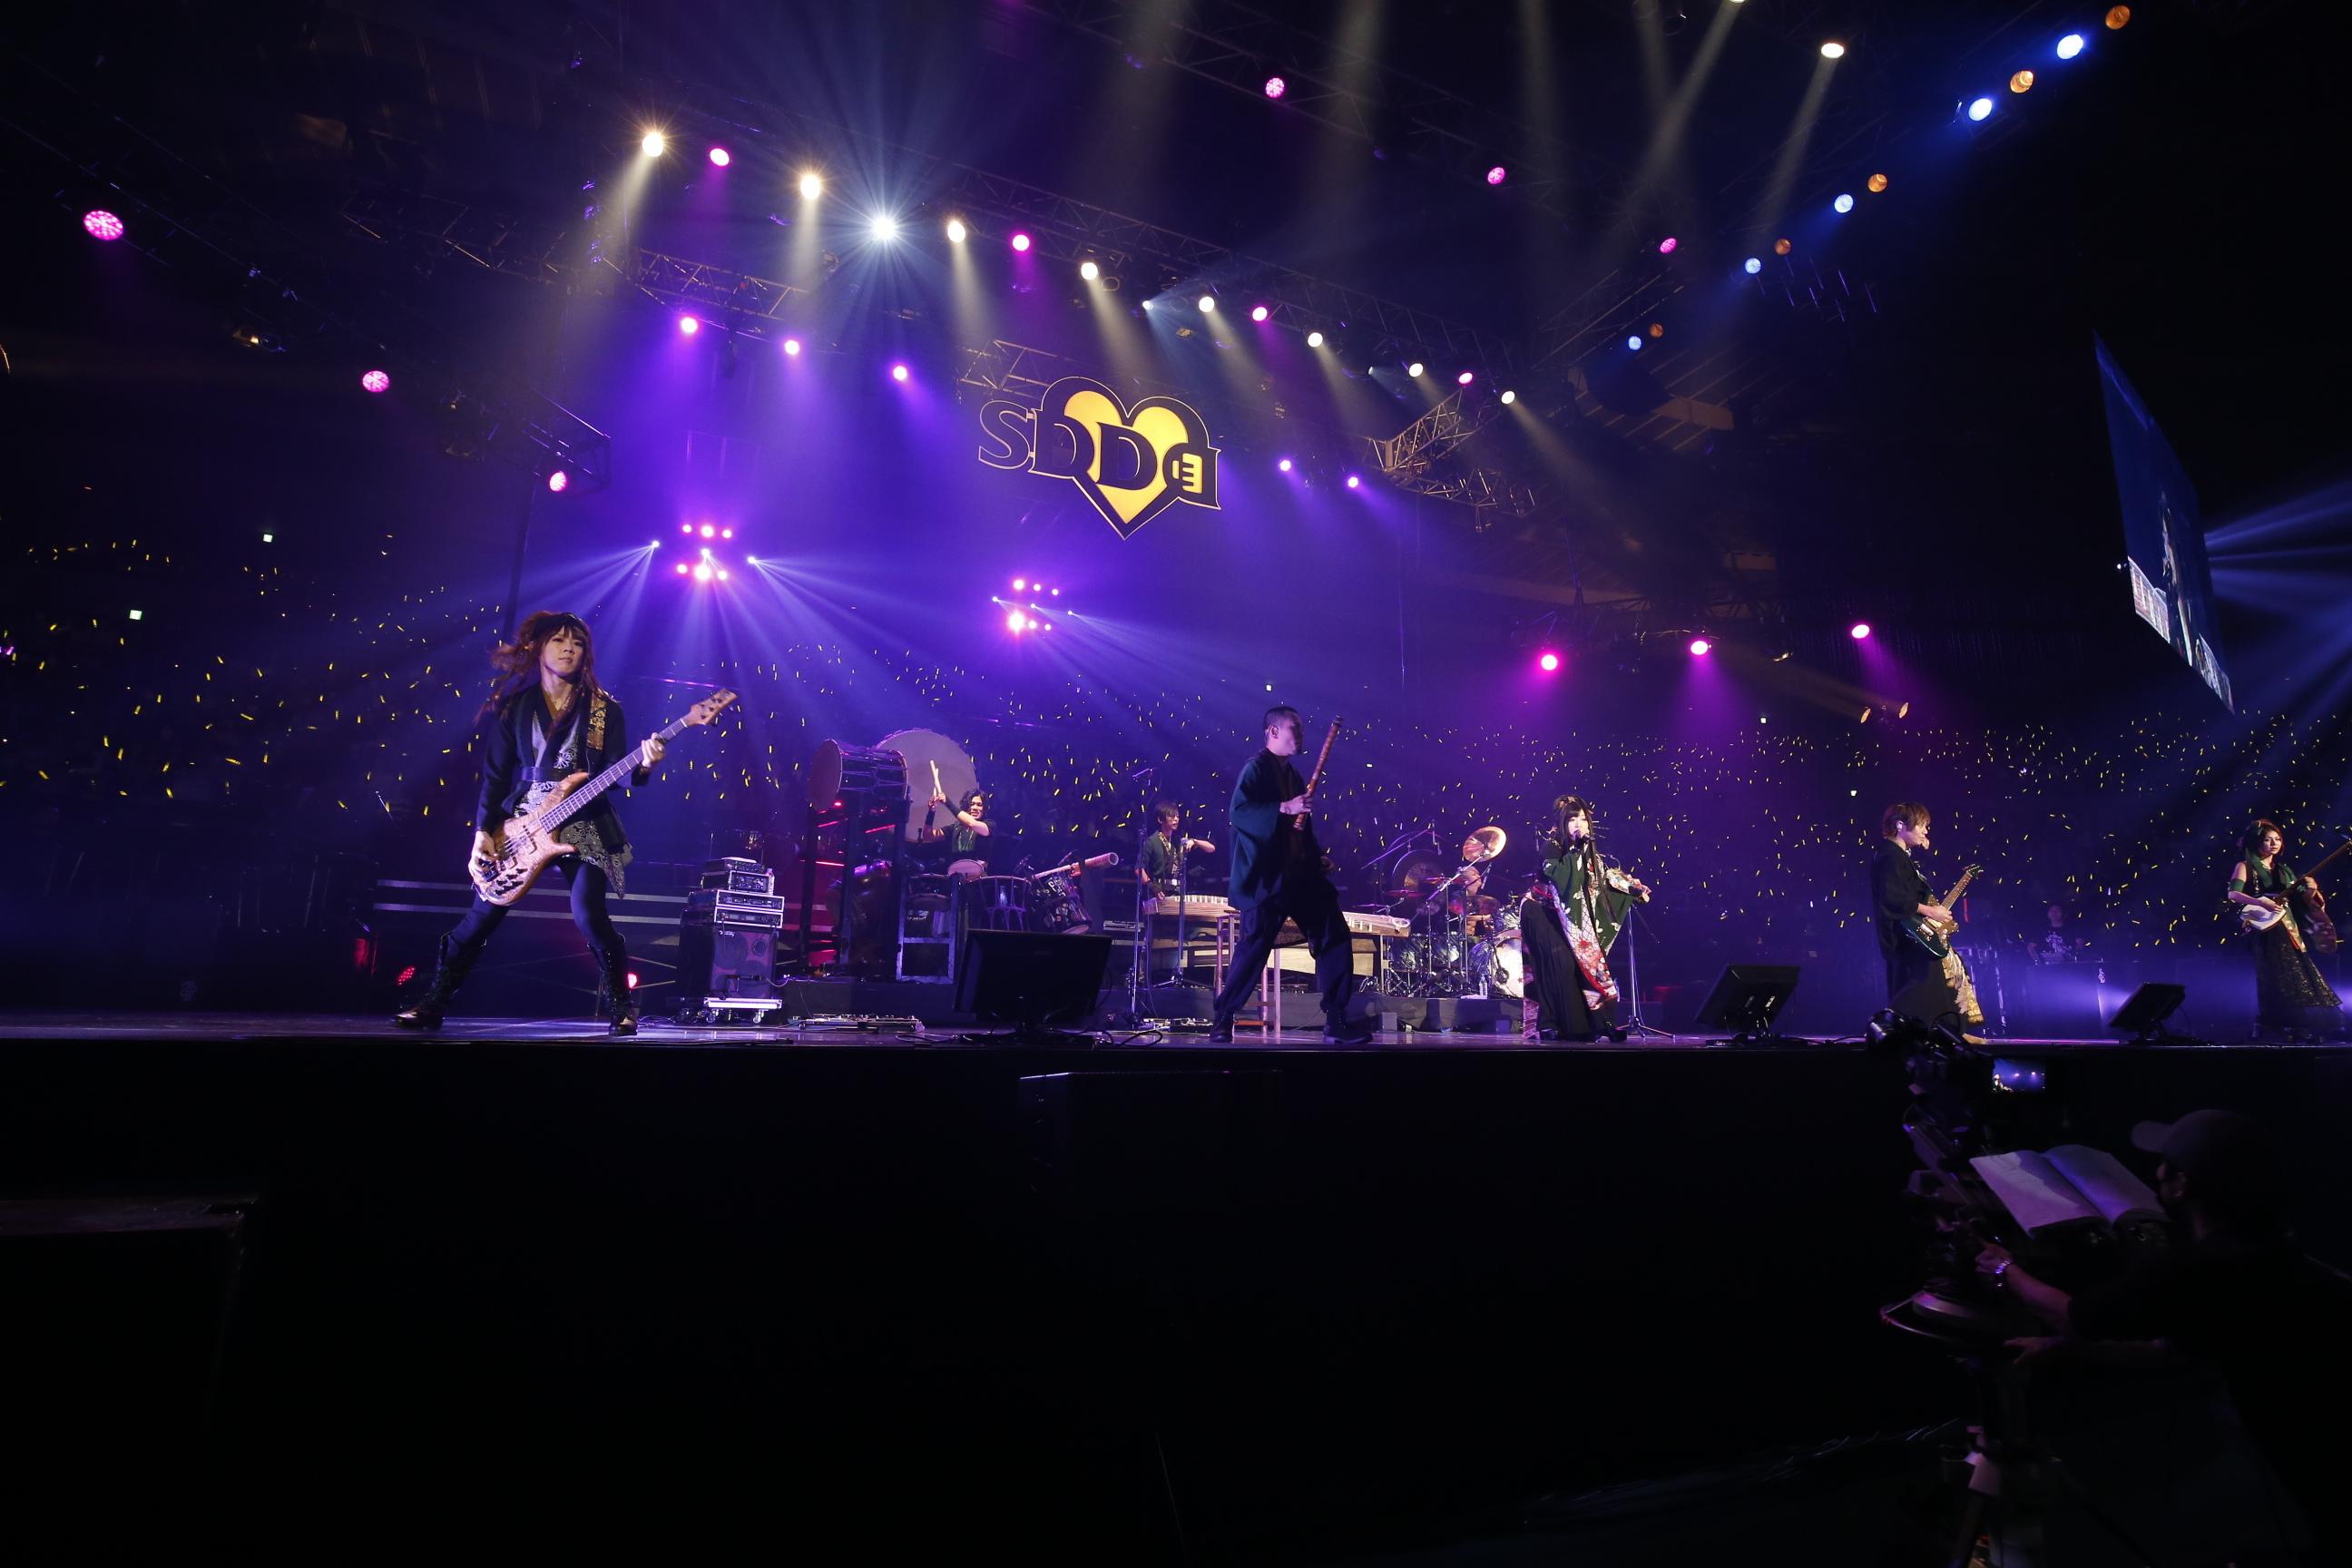 和楽器バンド LIVE SDD 2018 OFFICIAL PHOTO